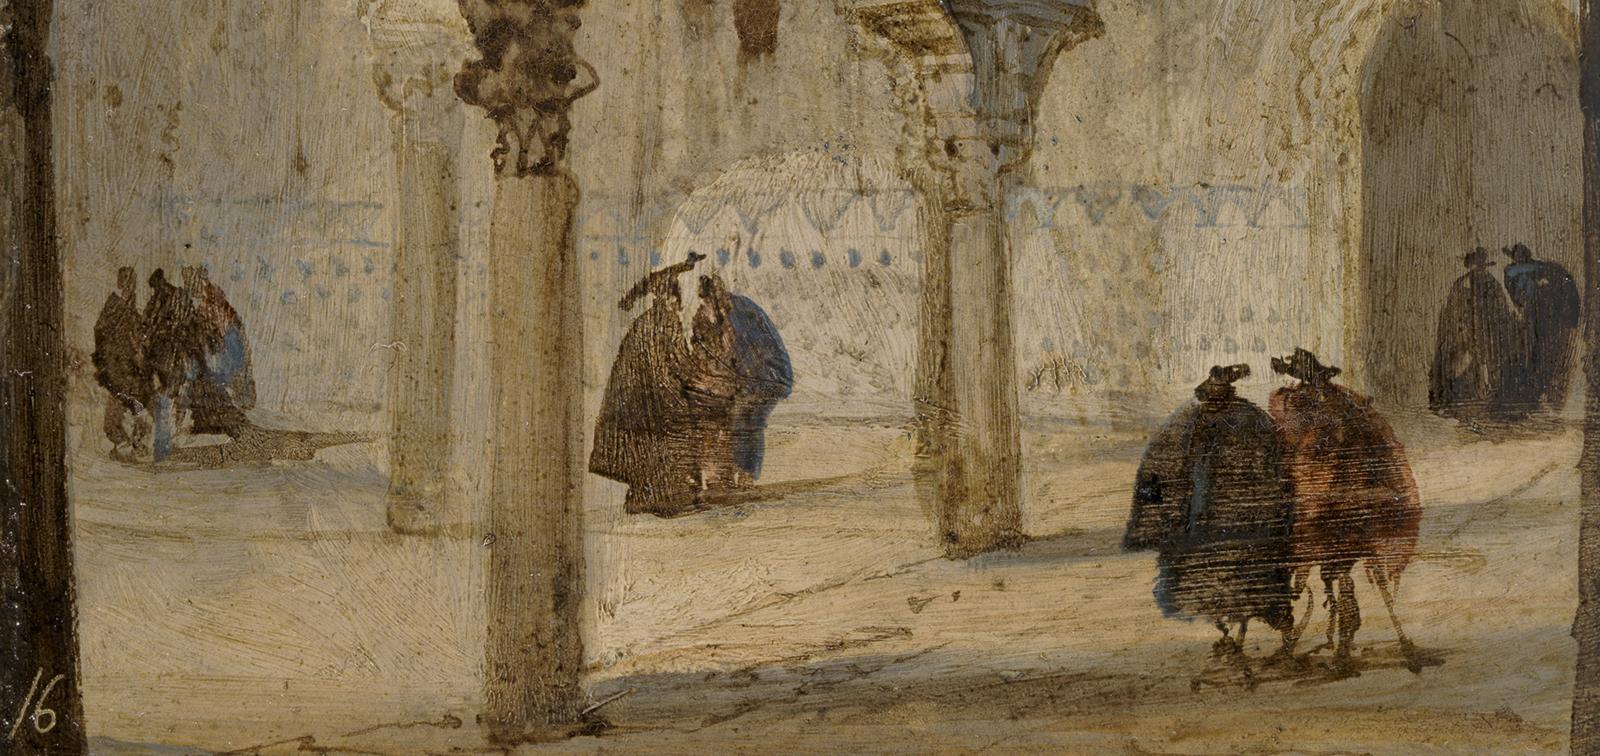 Vistas monumentales de ciudades españolas. El pintor romántico Genaro Pérez Villaamil